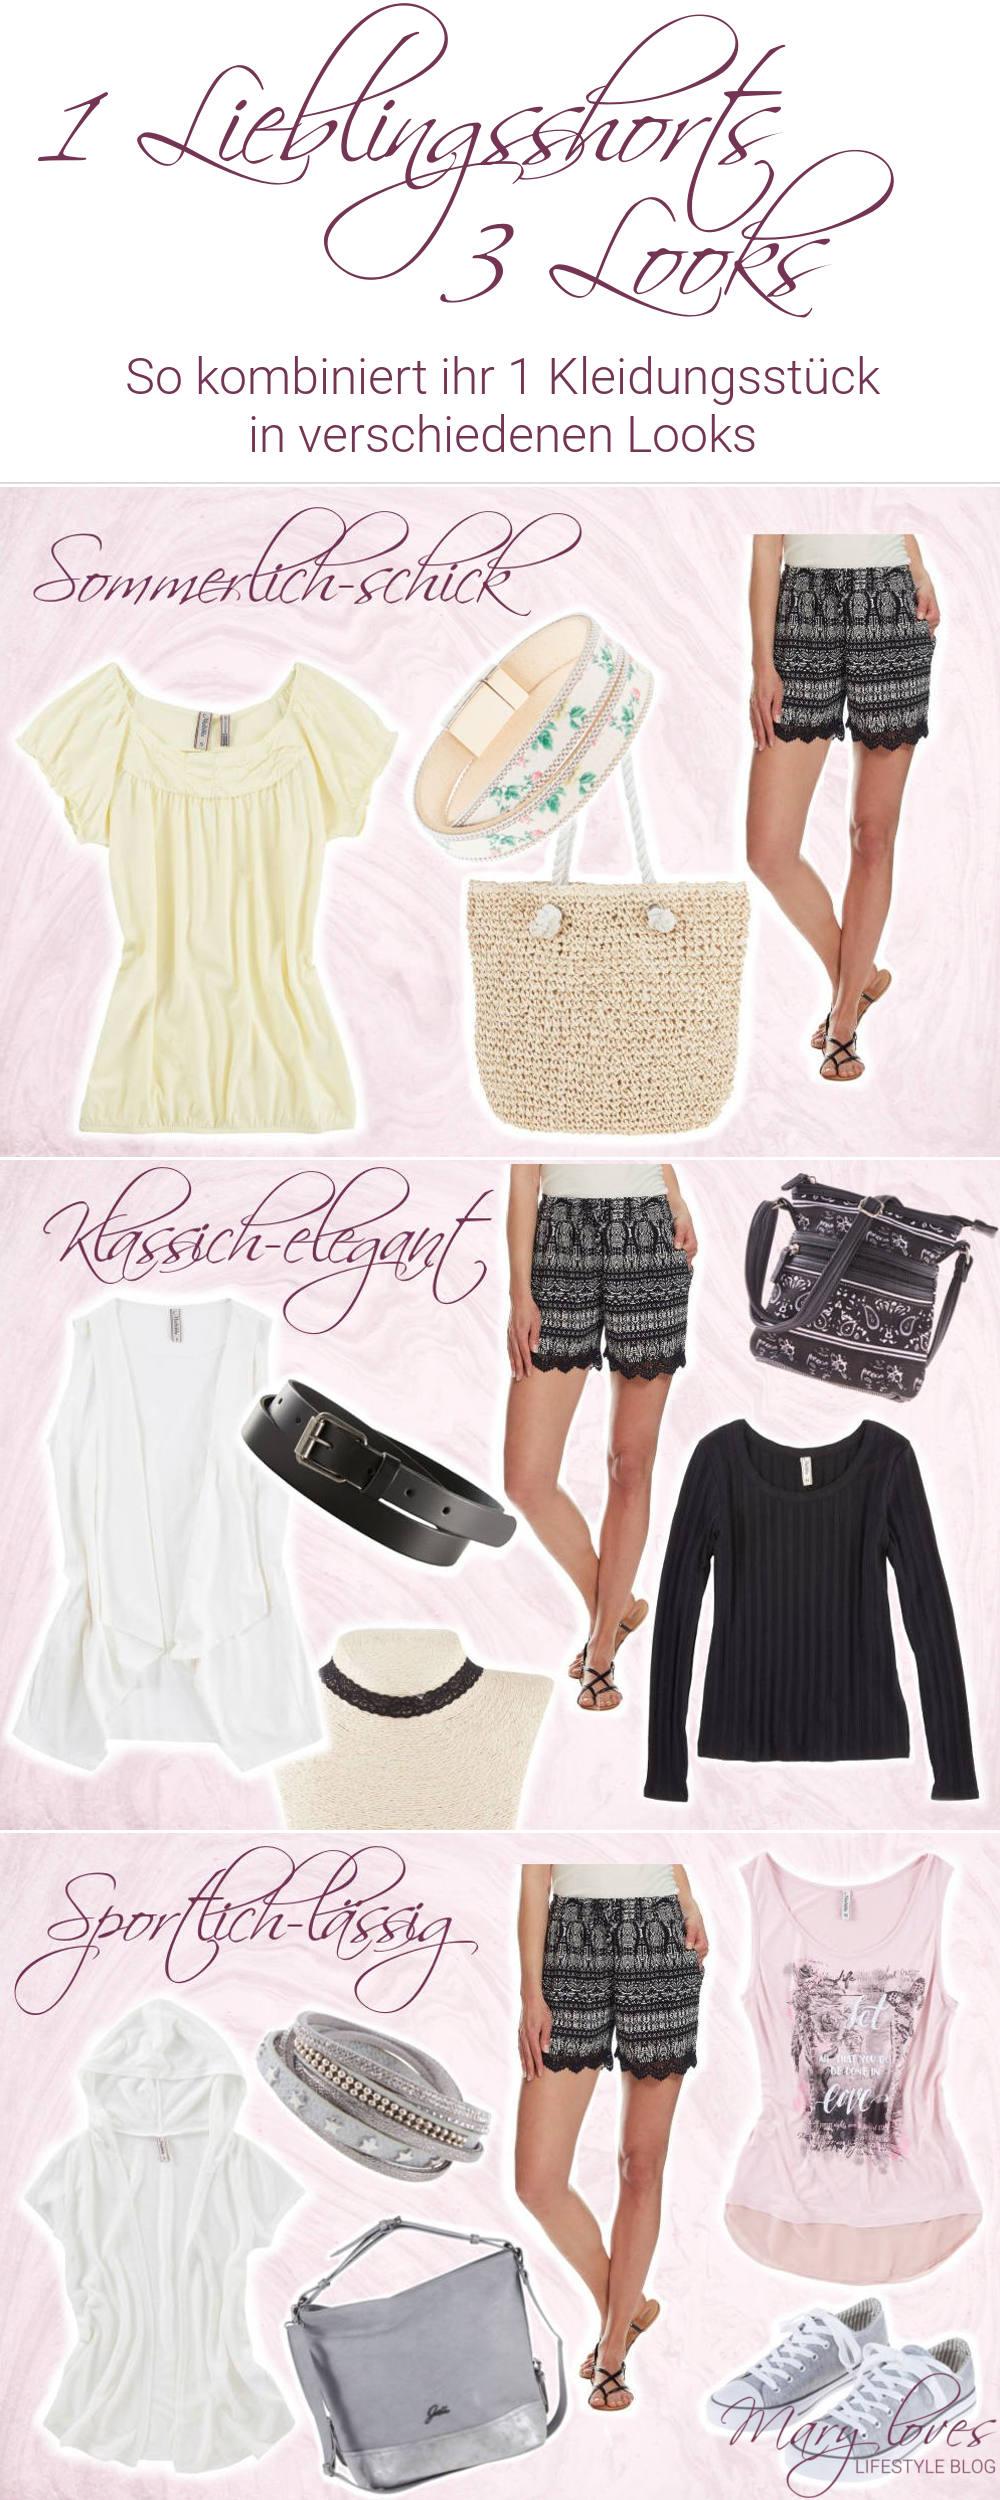 1 neue Lieblingsshorts - 3 Looks - So kombiniert ihr eure neue Sommershorts in verschiedenen Looks